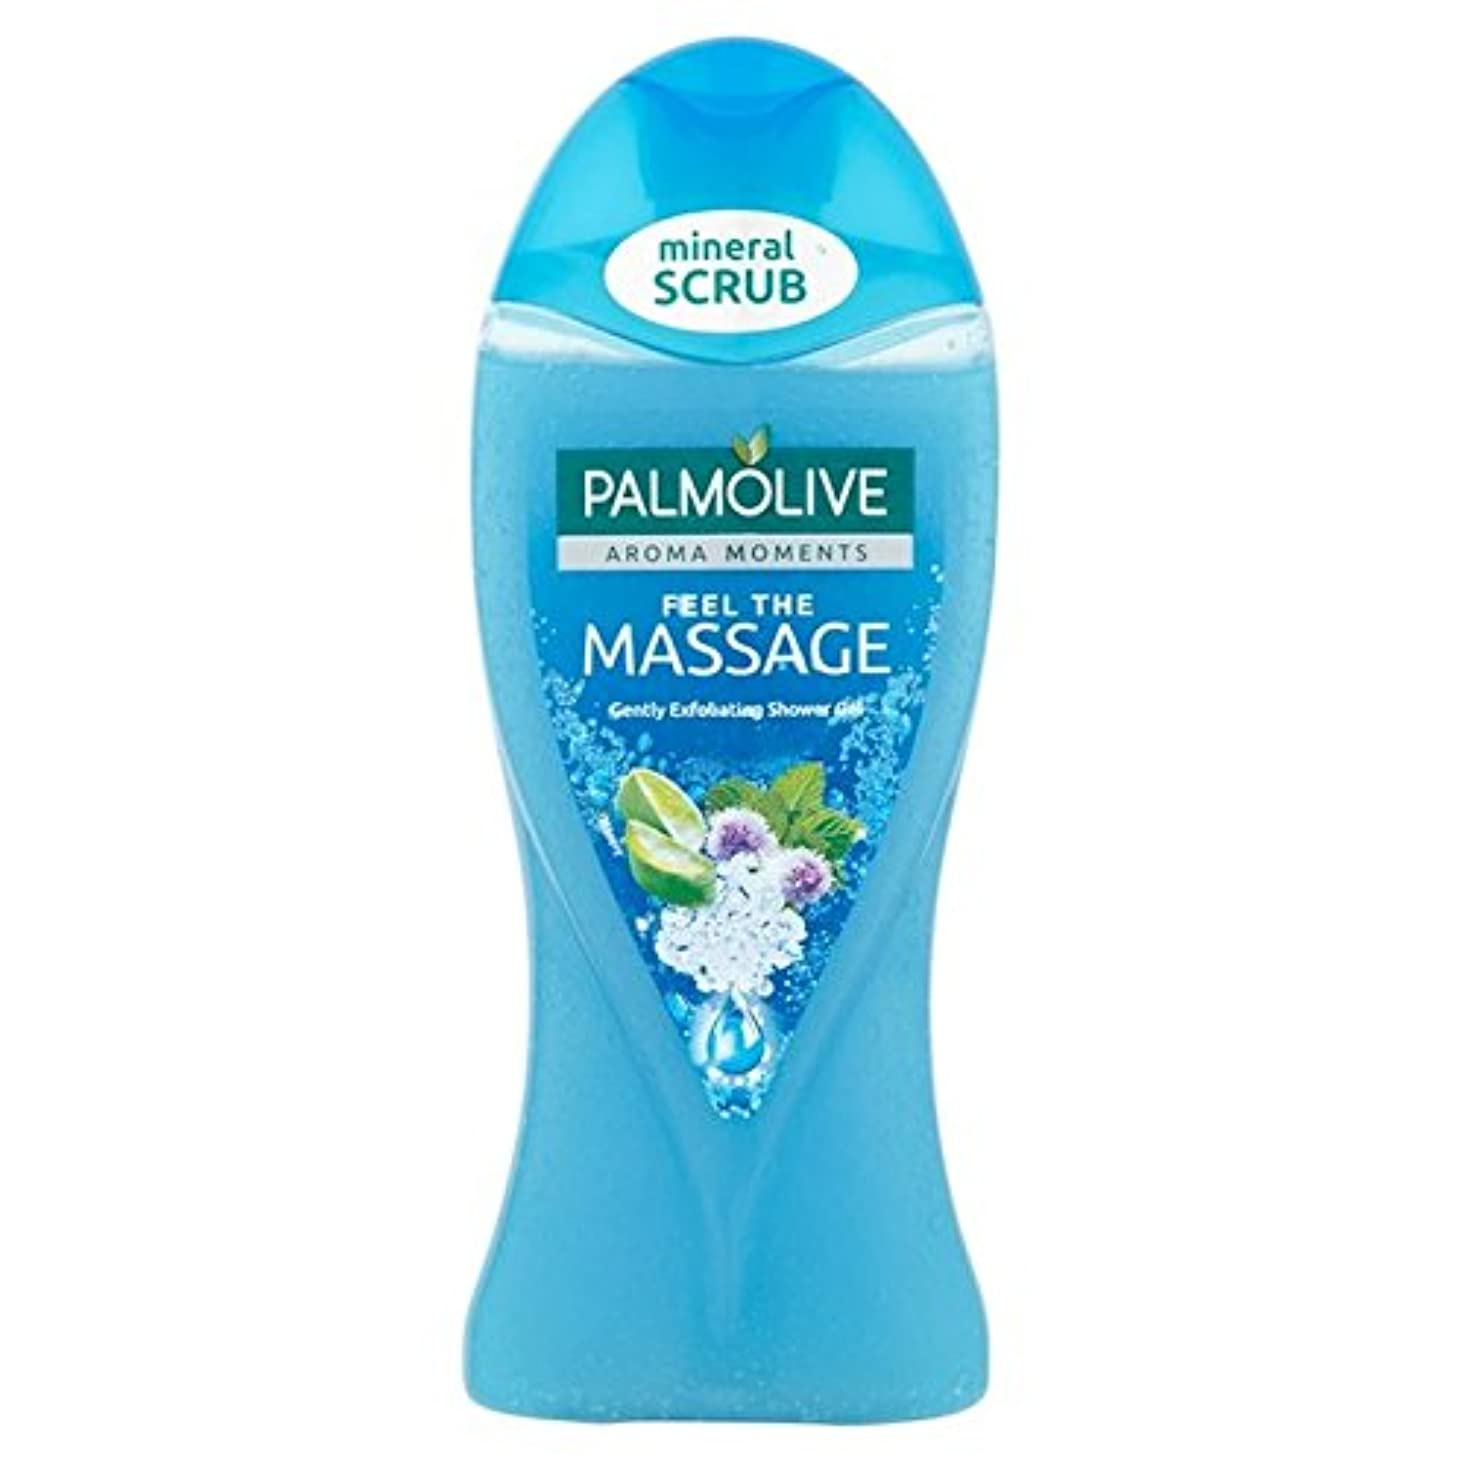 病院保証するシェルパルモシャワージェルマッサージ250ミリリットル x2 - Palmolive Shower Gel Massage 250ml (Pack of 2) [並行輸入品]